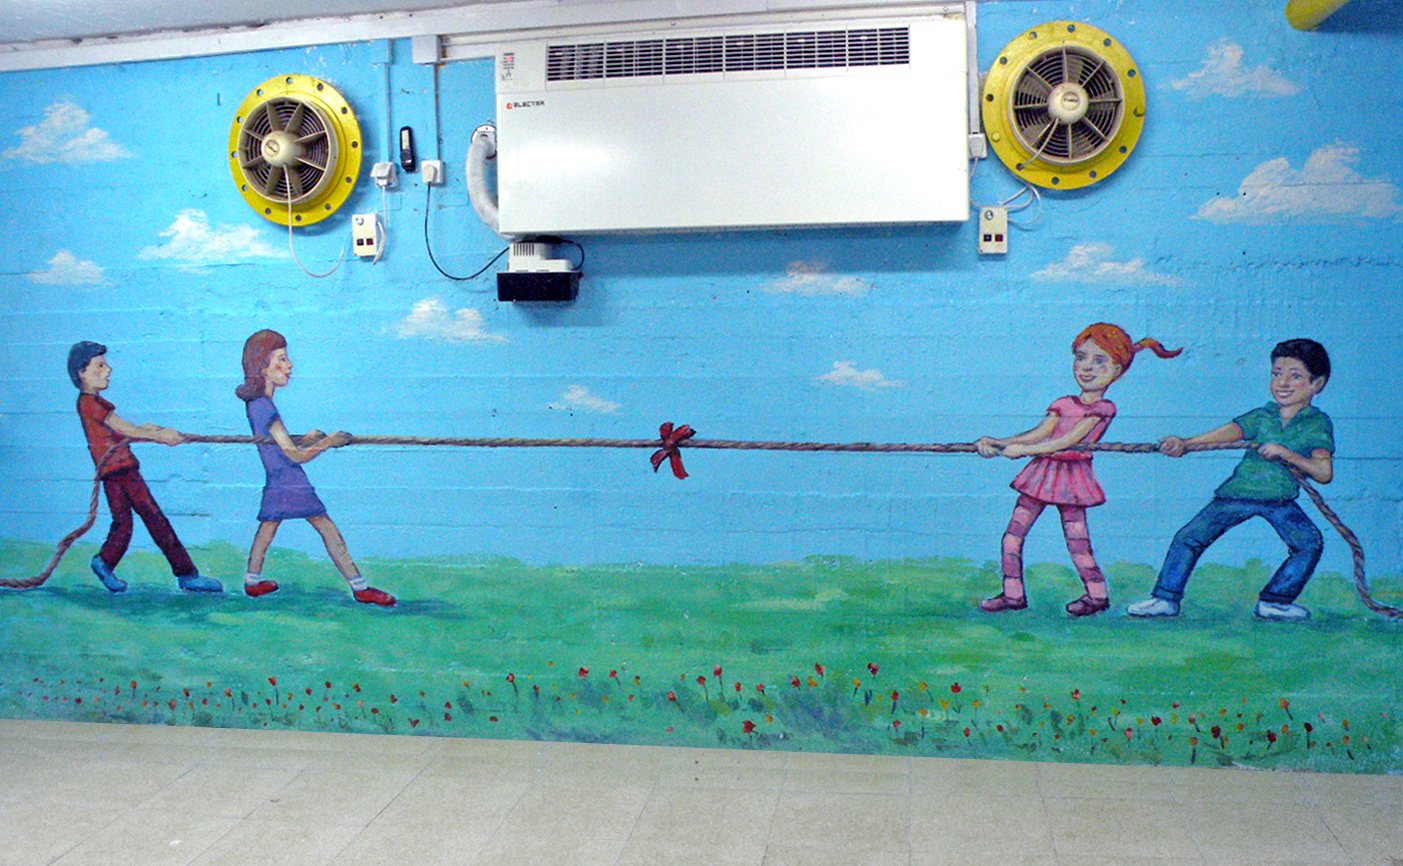 ציורי קיר של ילדים שמשחקים במשיכת חבל